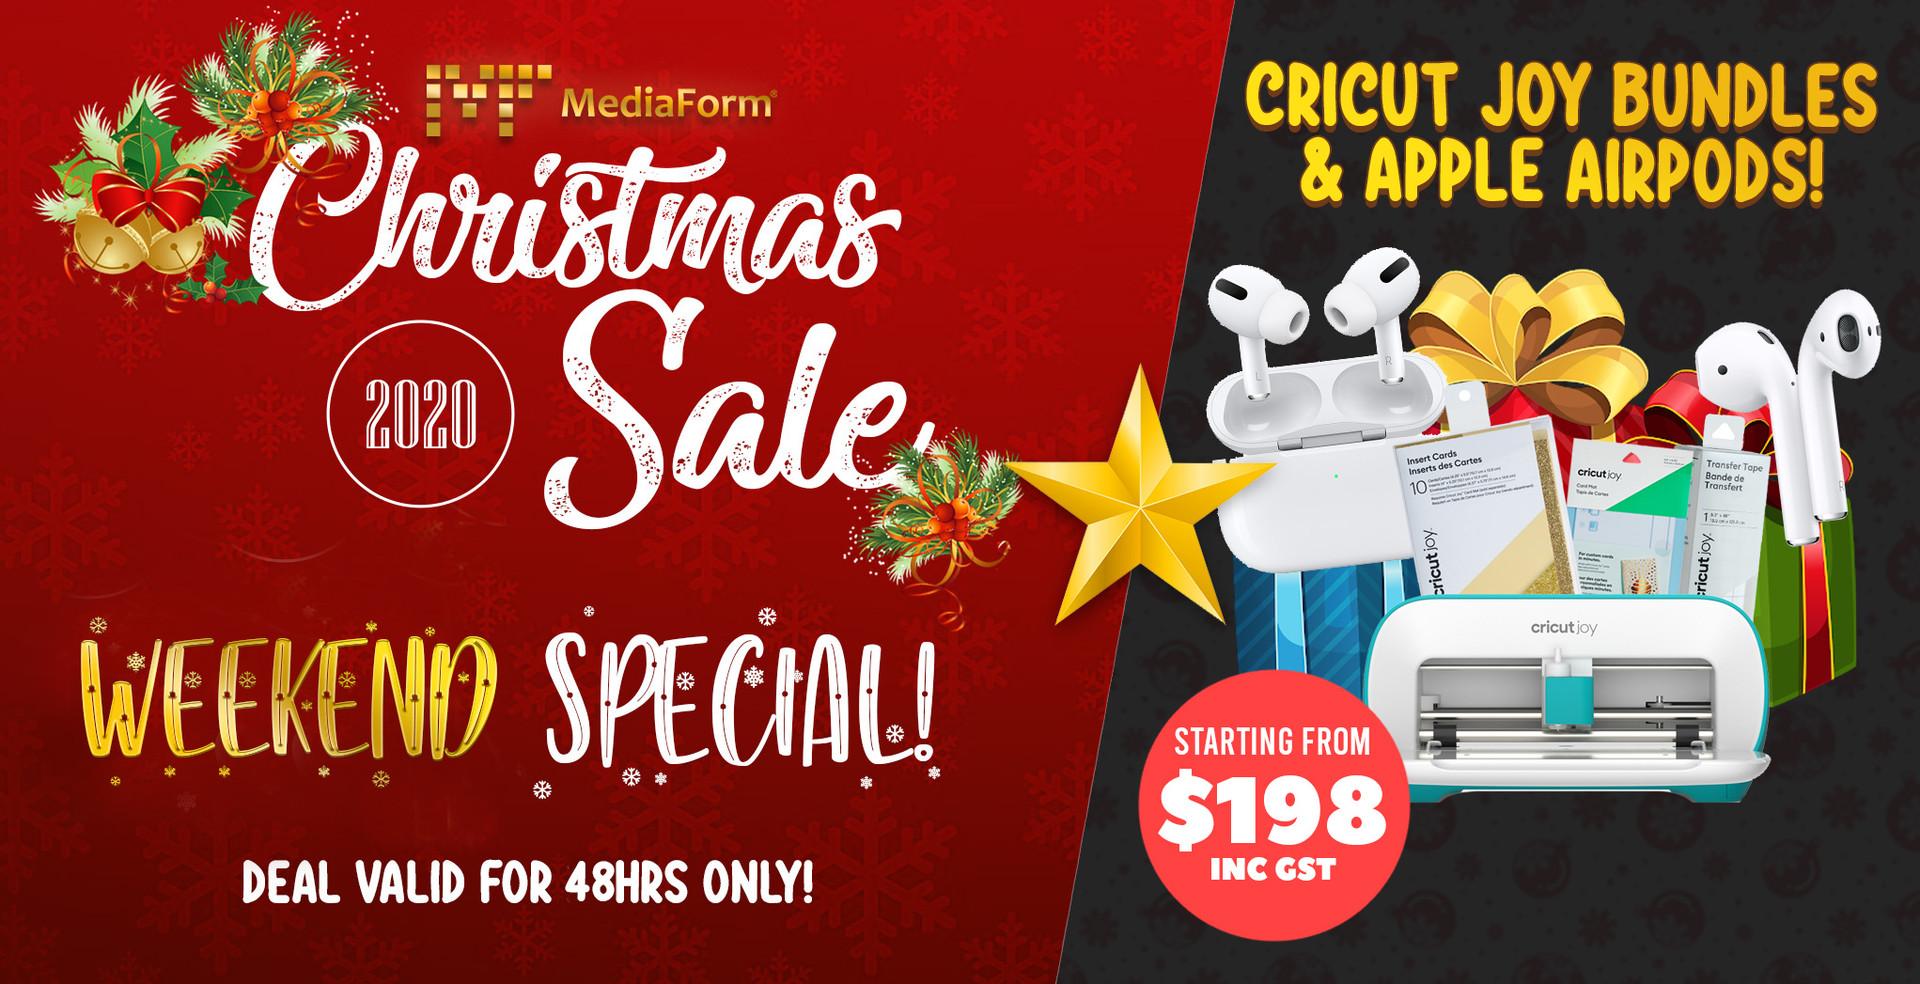 Weekend Deals (Days 12 & 13): Cricut Joy & Apple AirPods